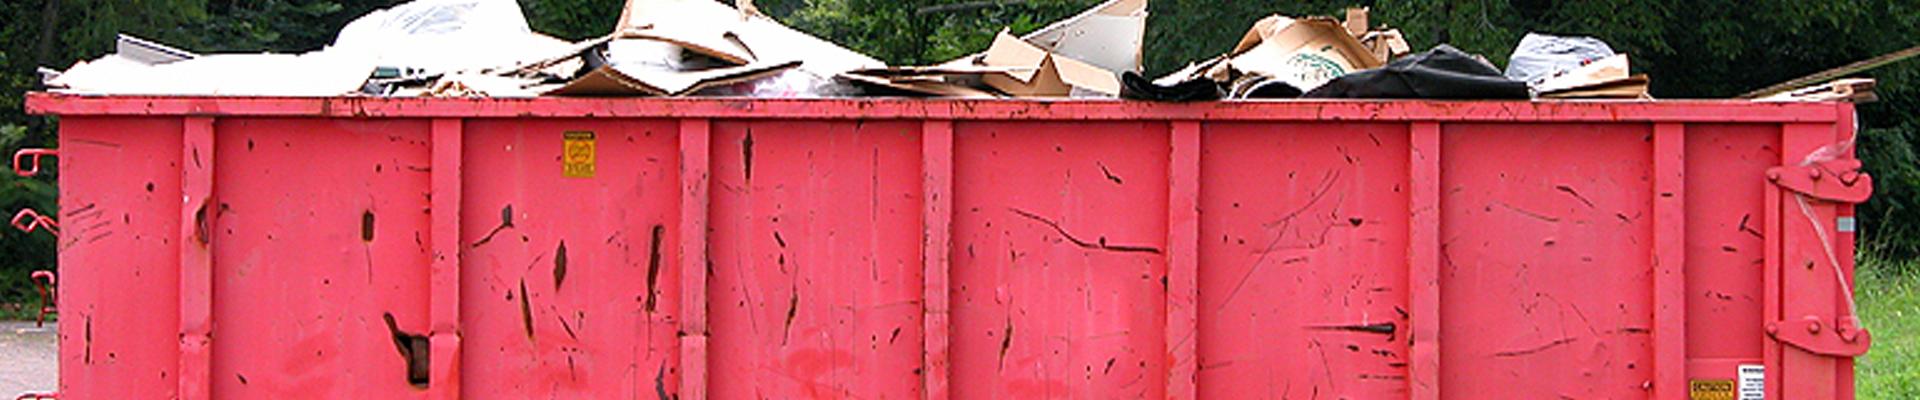 Dumpster_Rental_5.png